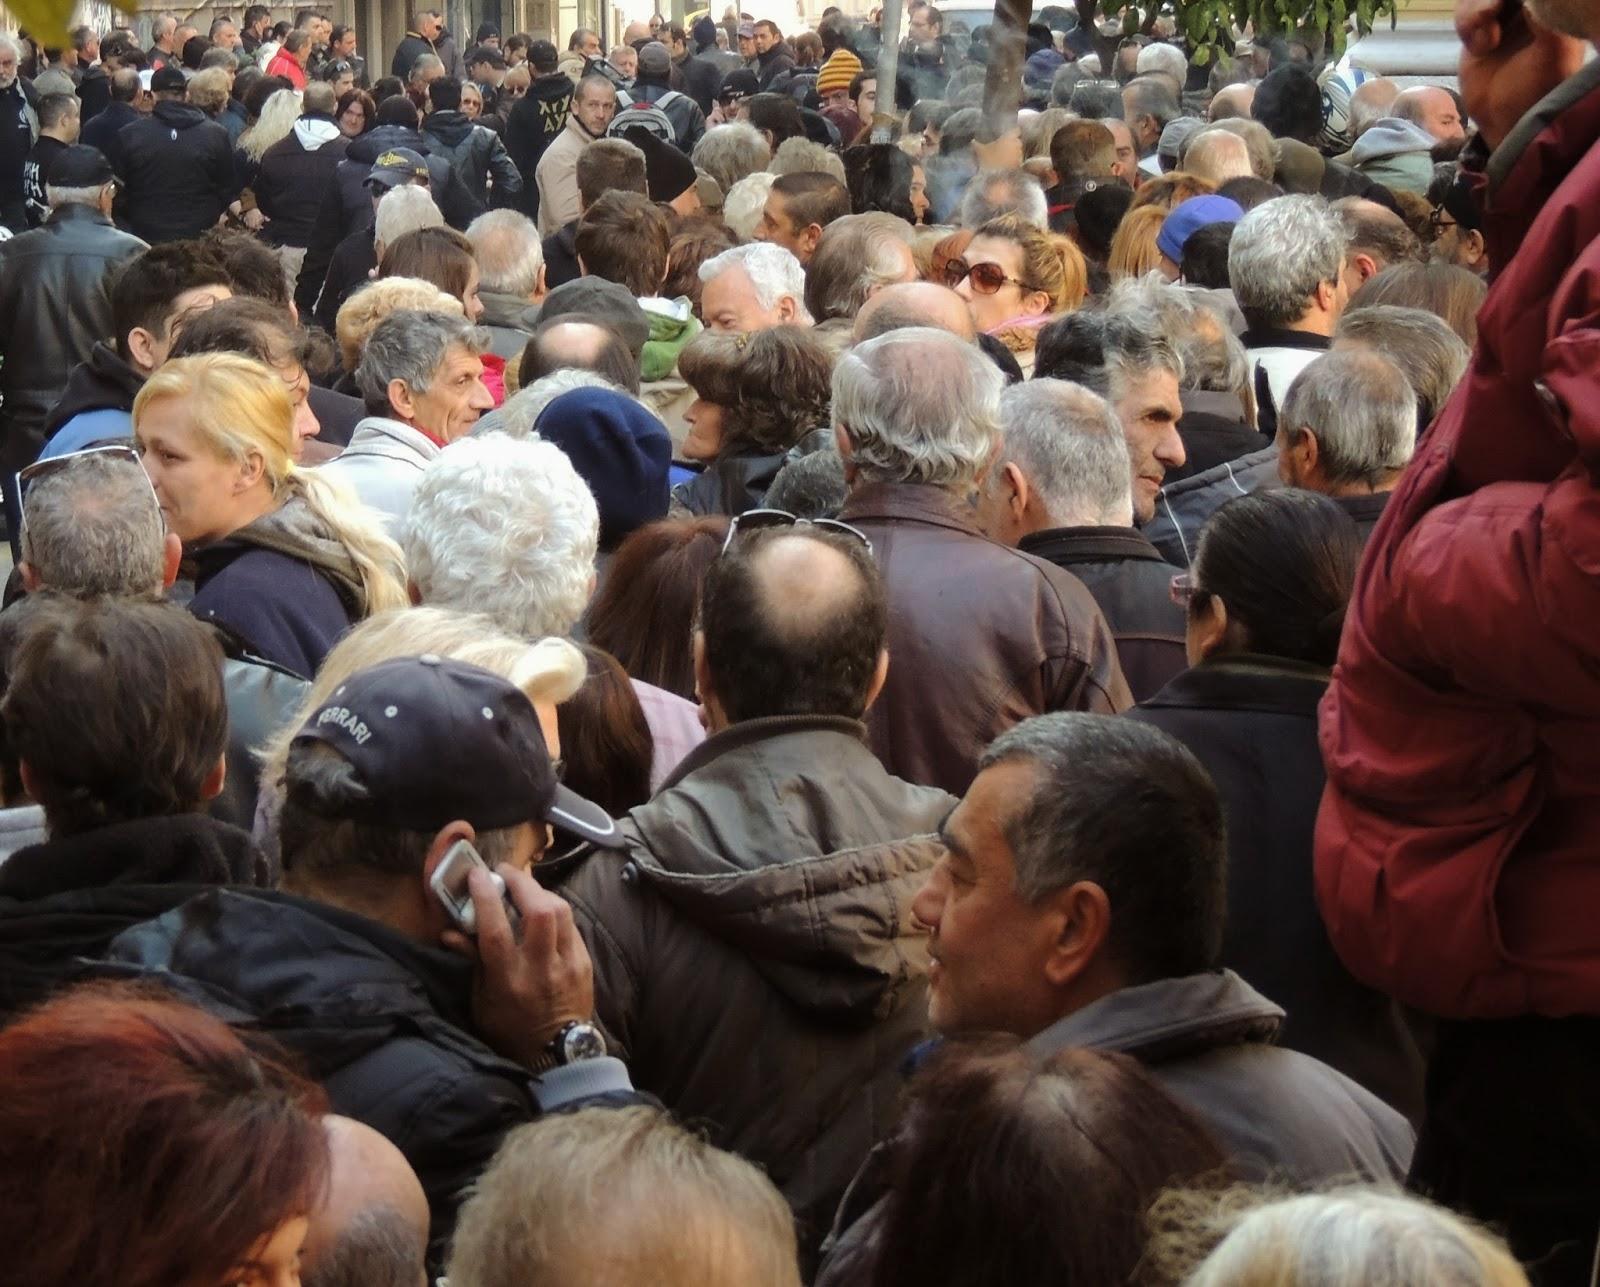 Εορταστική διανομή τροφίμων στον Πειραιά - Η Χρυσή Αυγή στο πλευρό των Ελλήνων